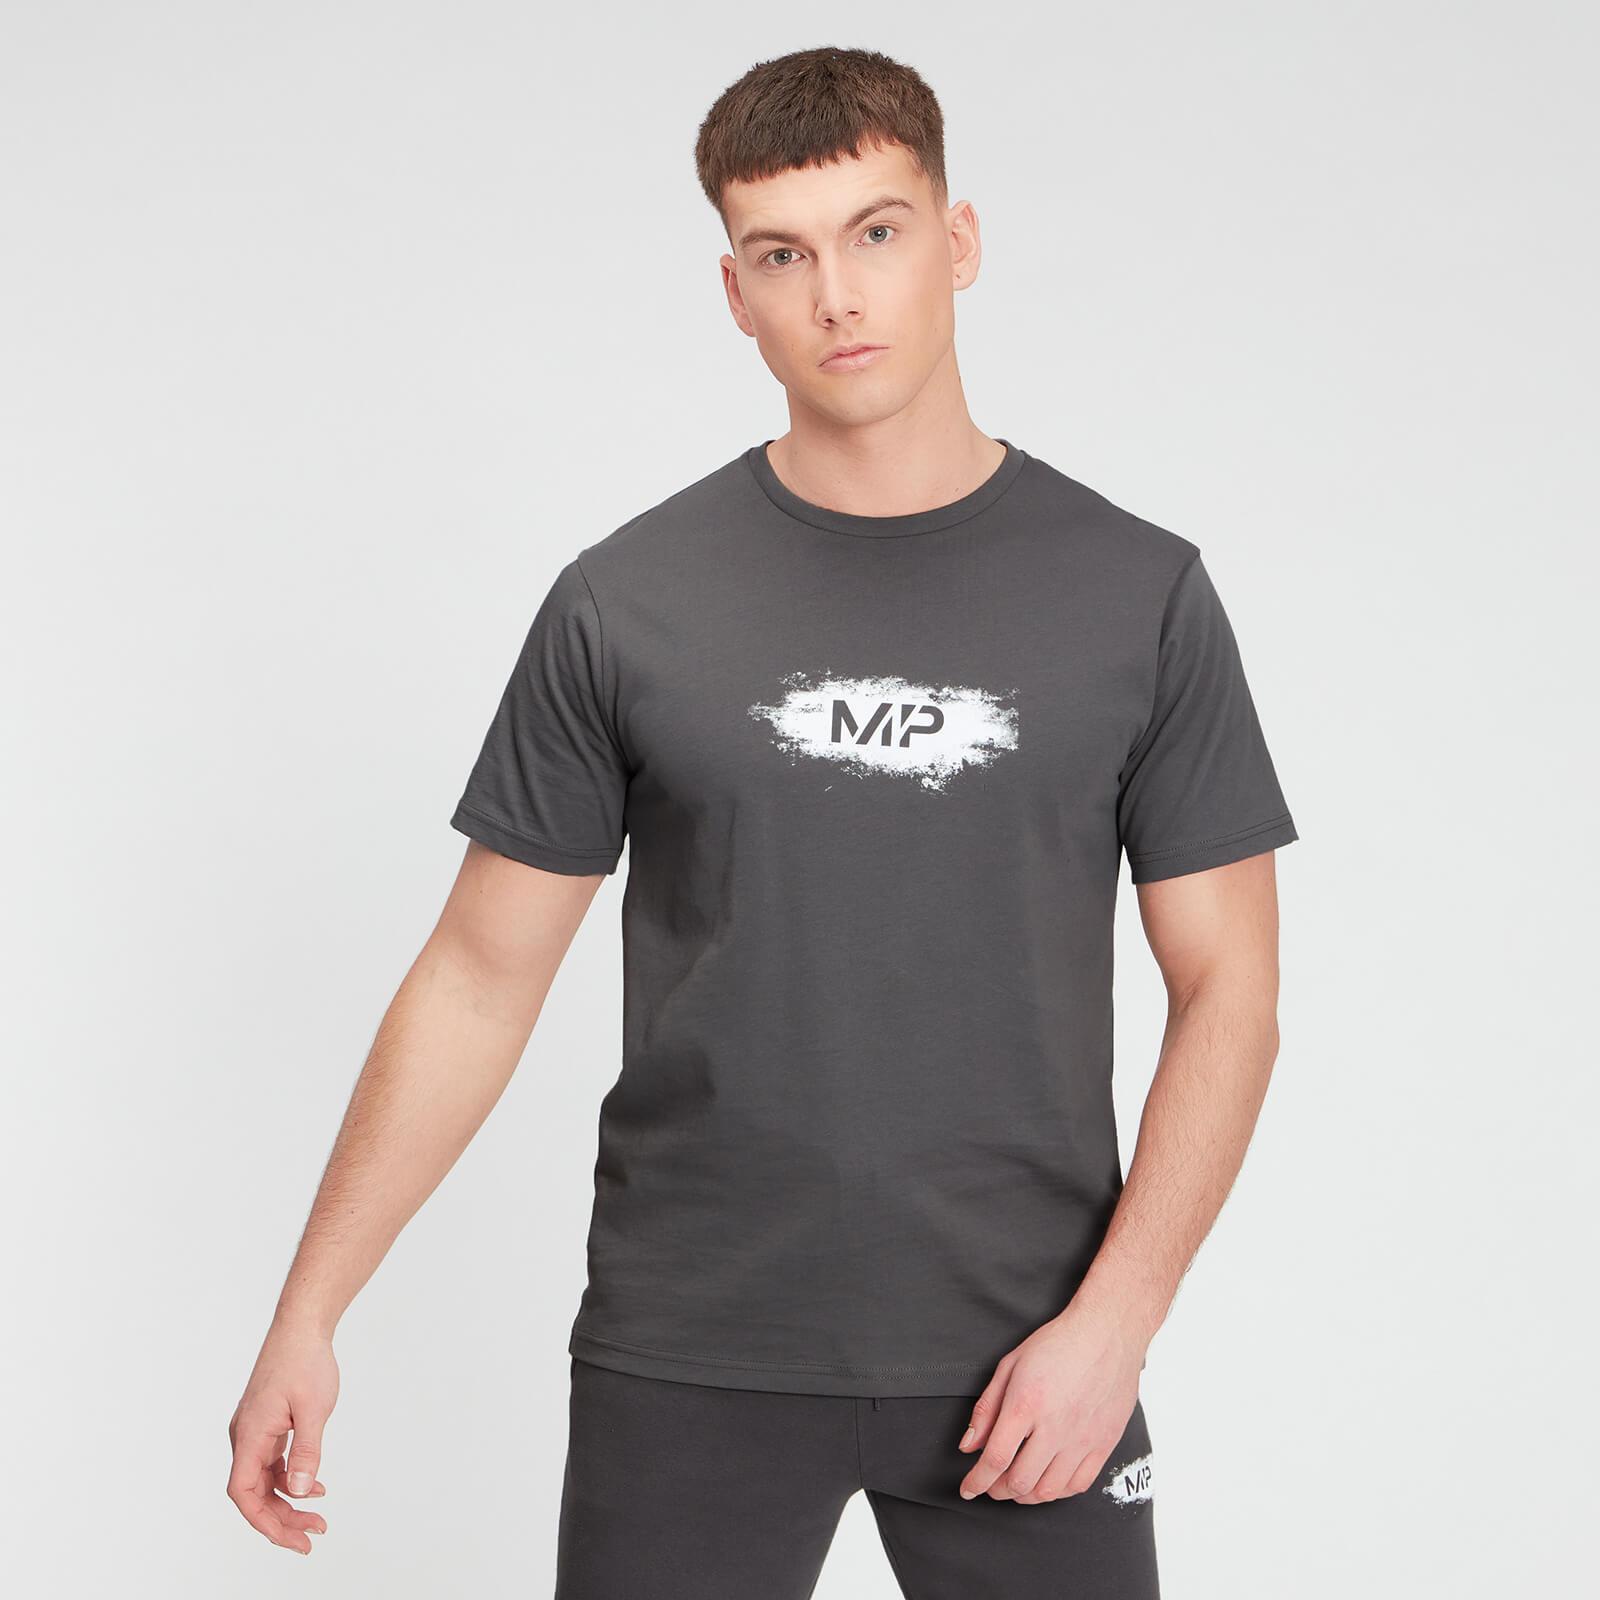 Купить MP Men's Chalk Graphic Short Sleeve T-Shirt - Carbon - XXS, Myprotein International